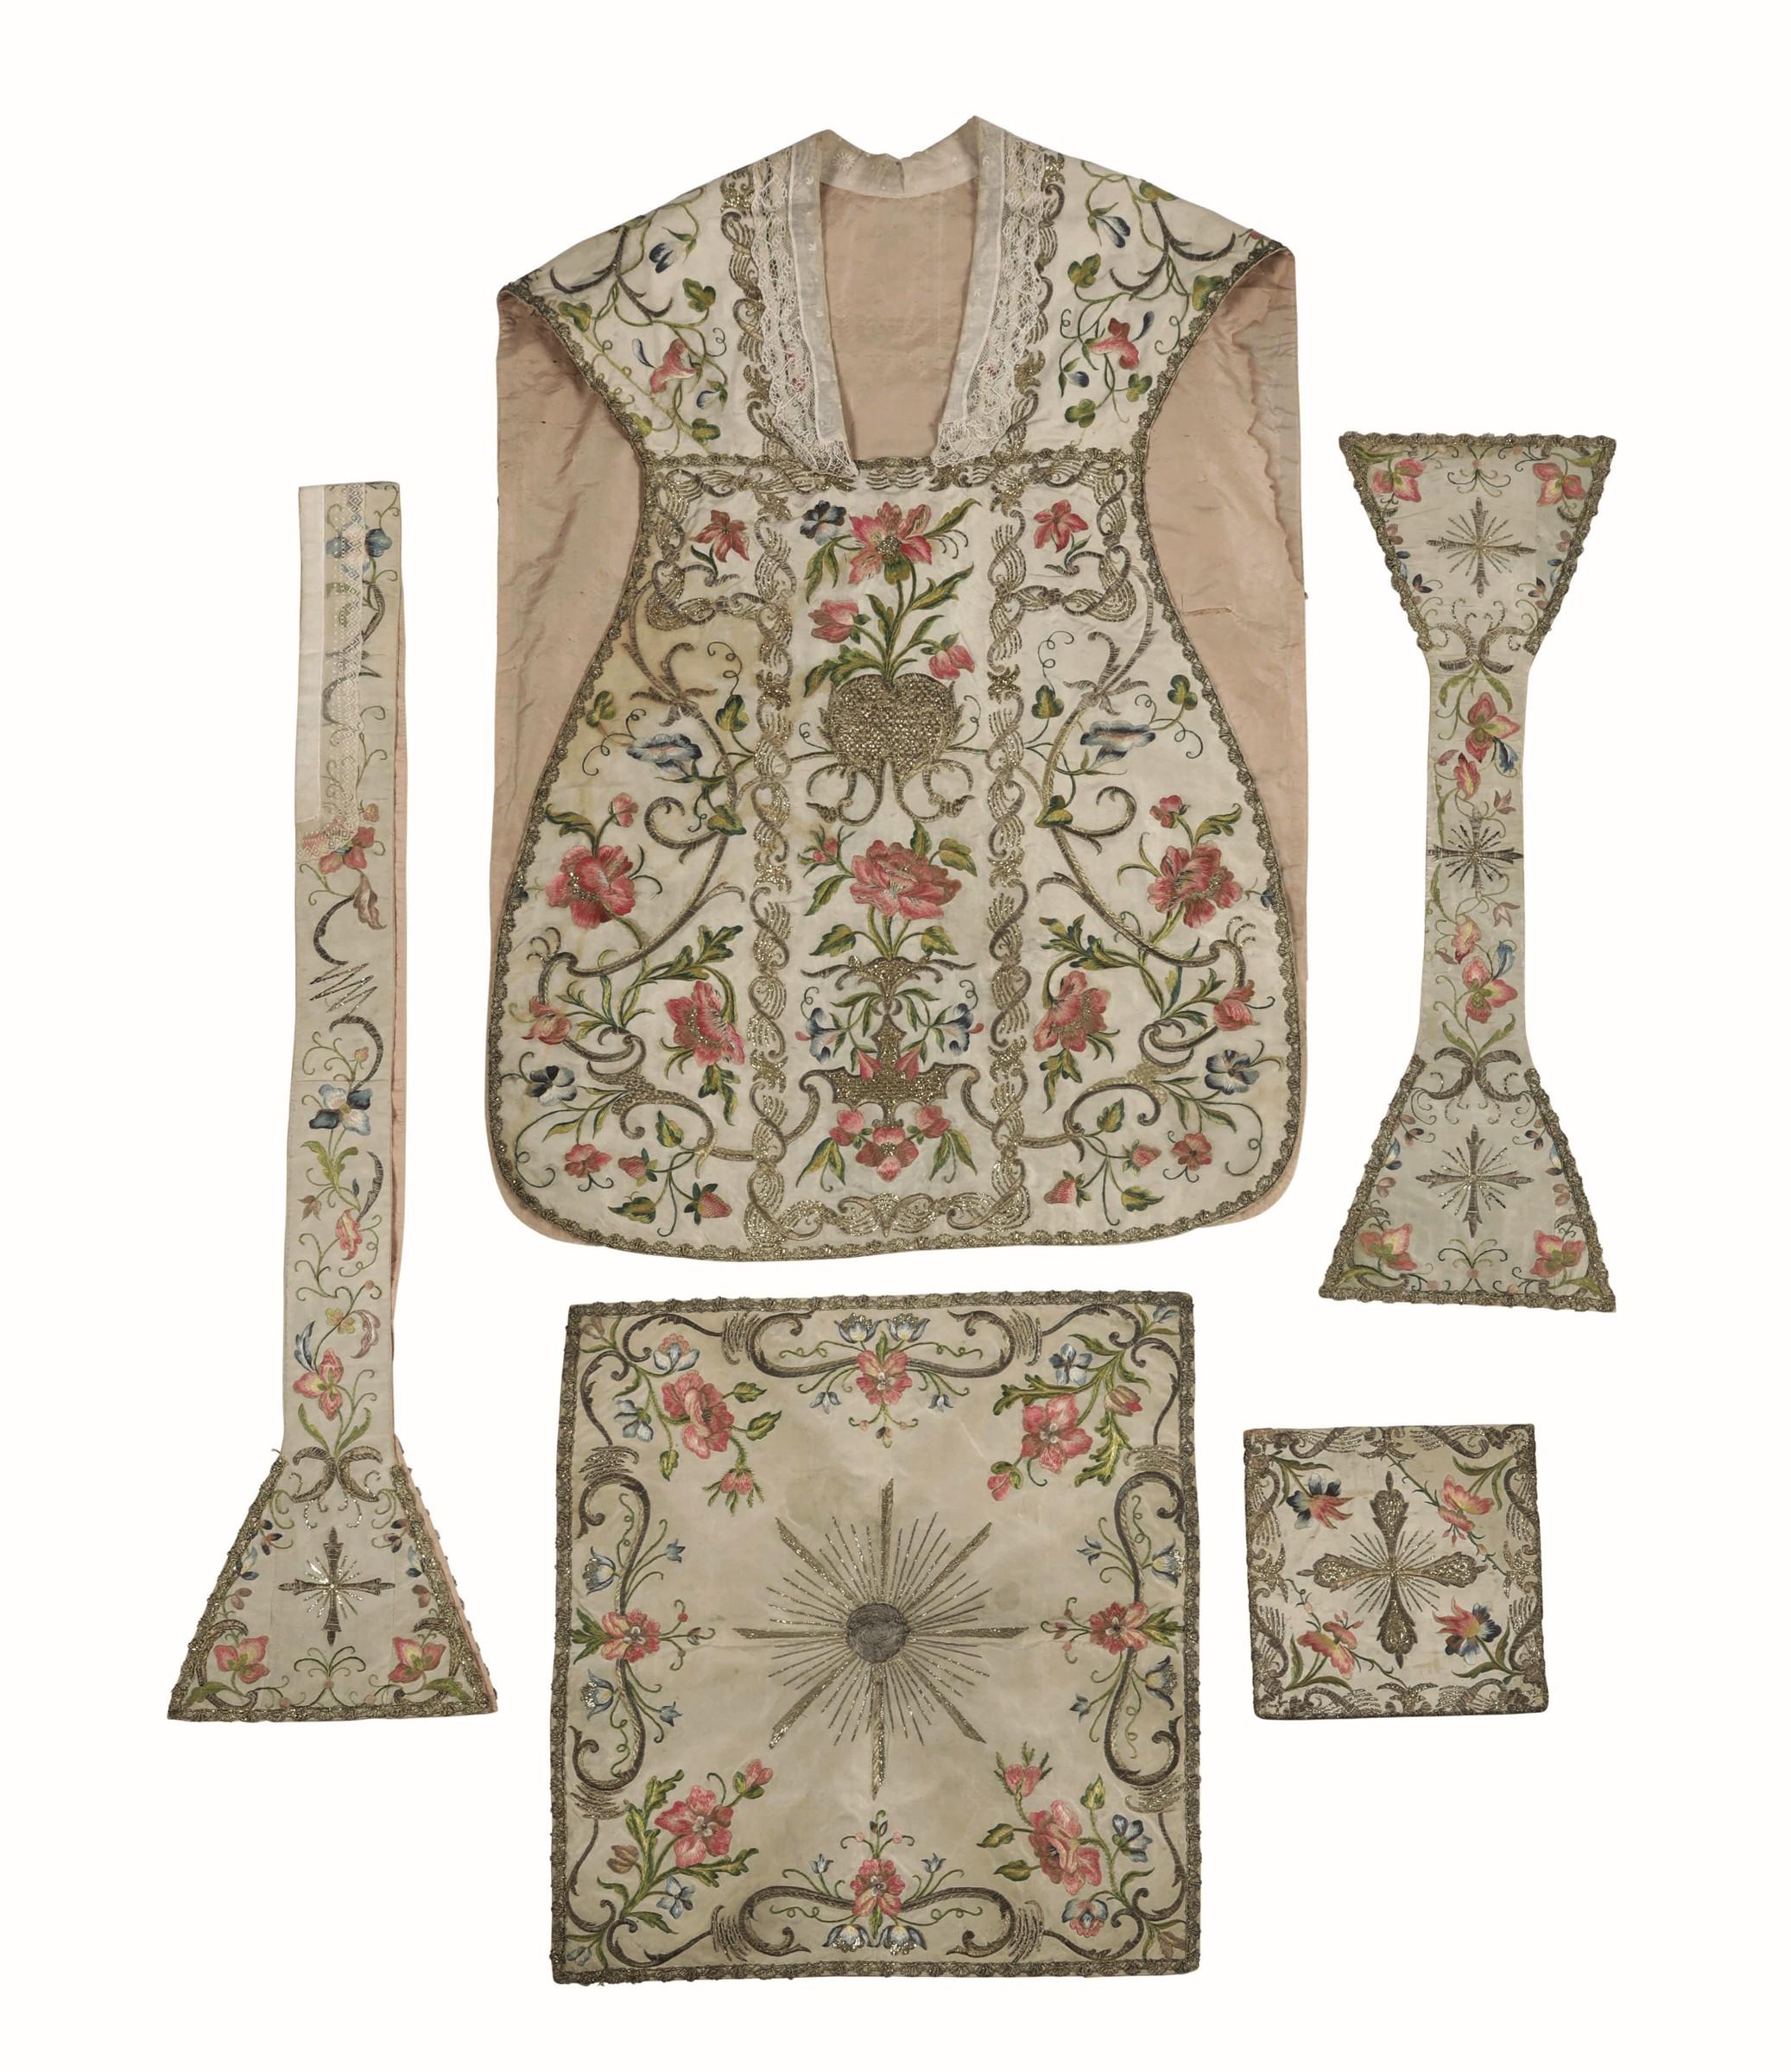 Paramenti in seta XIX secolo, - Pianeta, stola, copricalice in seta con ricami in [...]